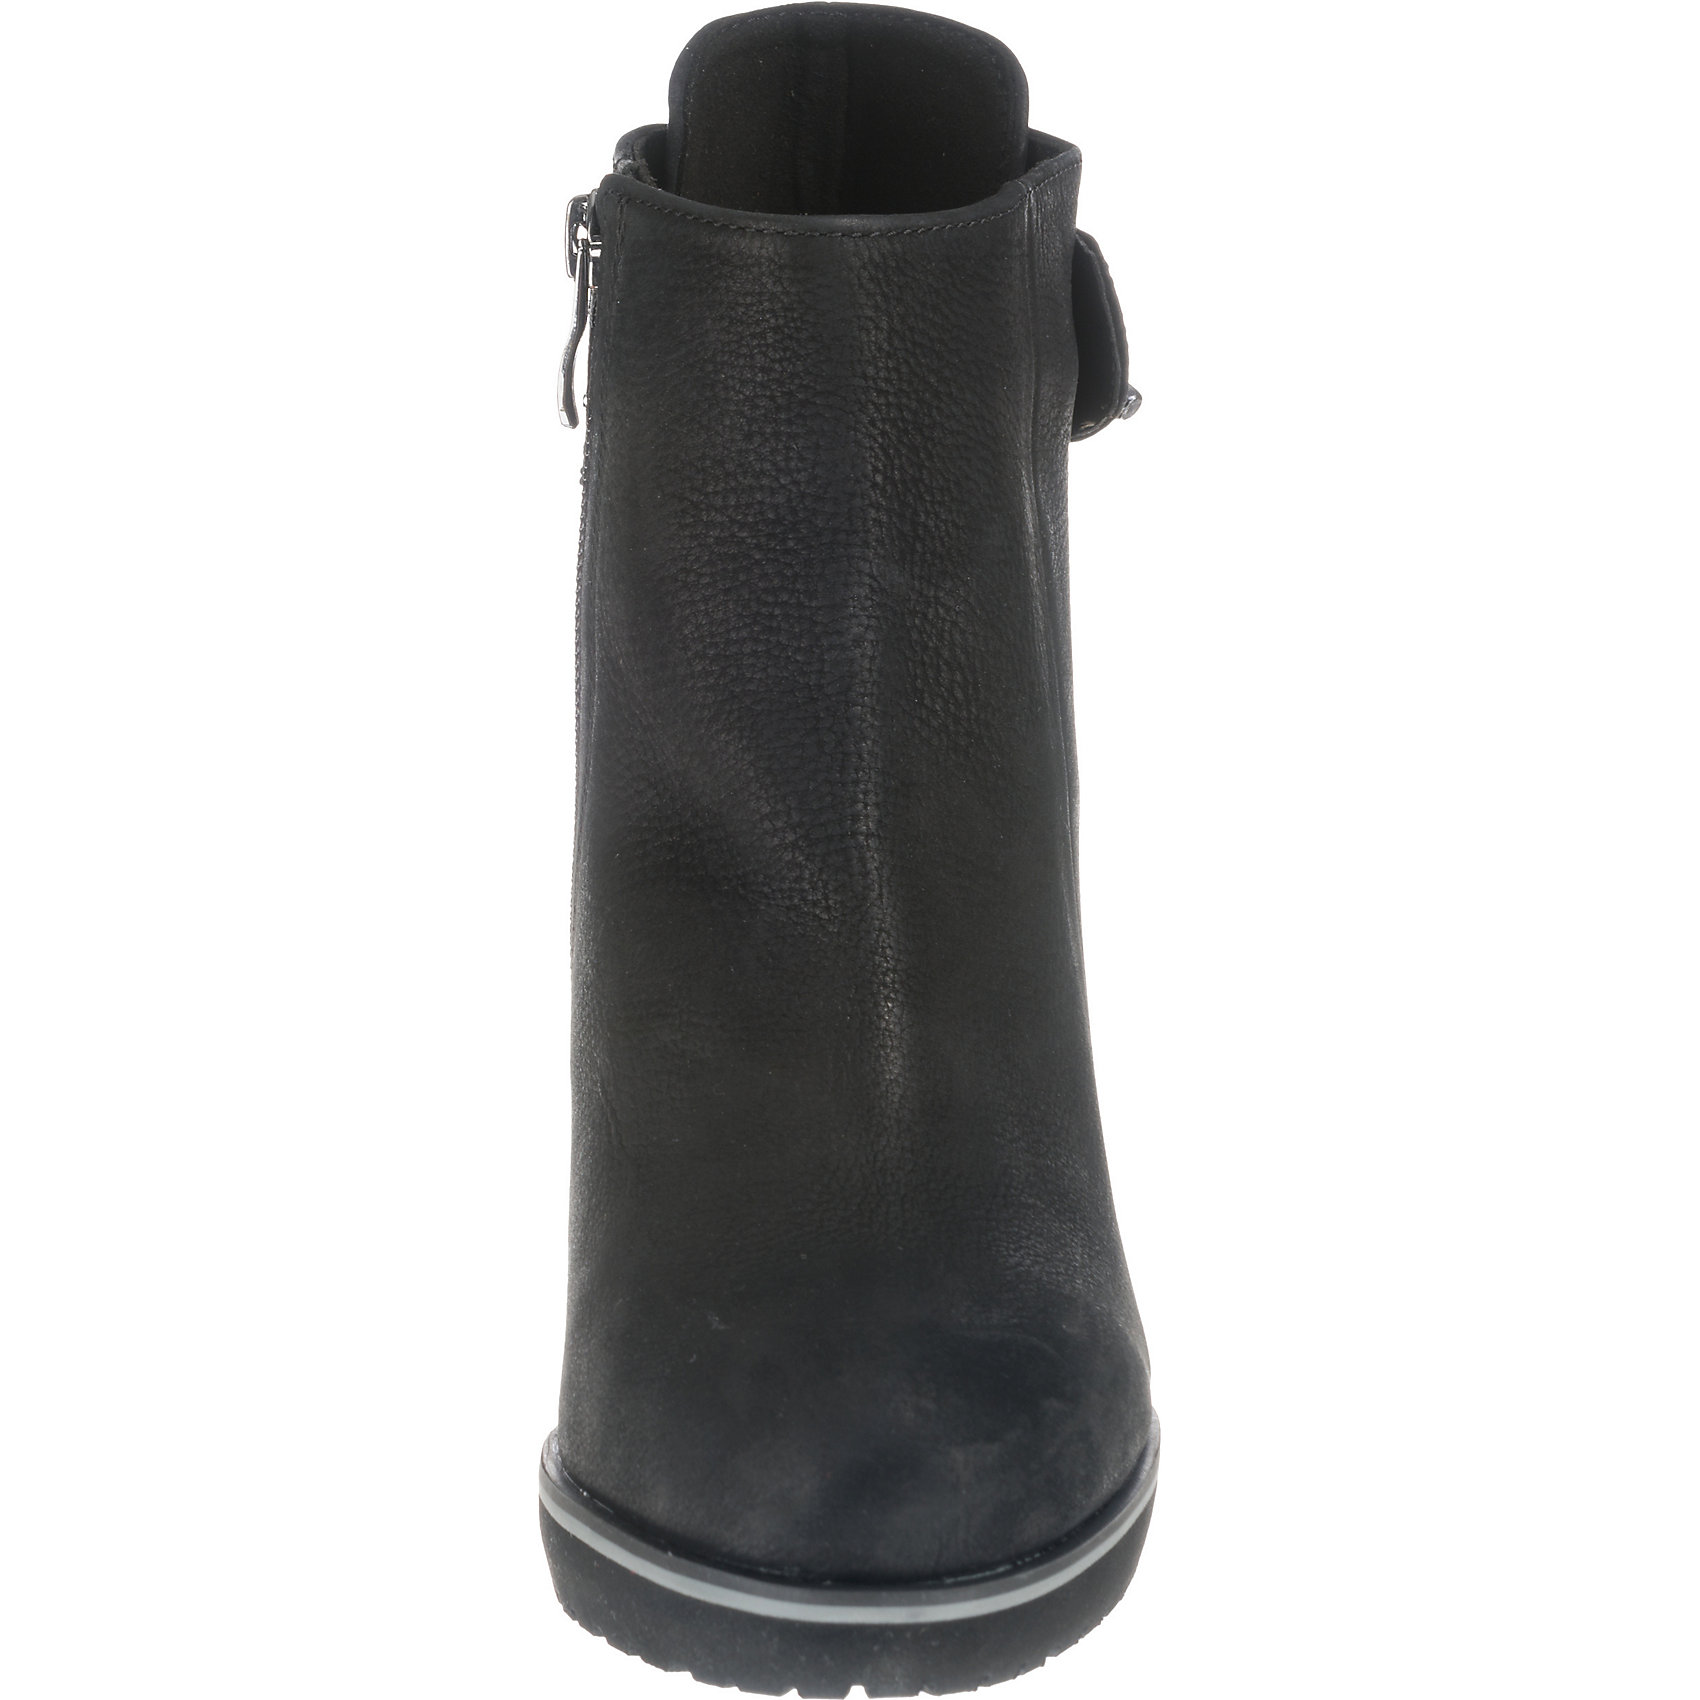 Neu CAPRICE Stiefeletten Klassische Stiefeletten CAPRICE 8545291 für Damen schwarz 92ed31